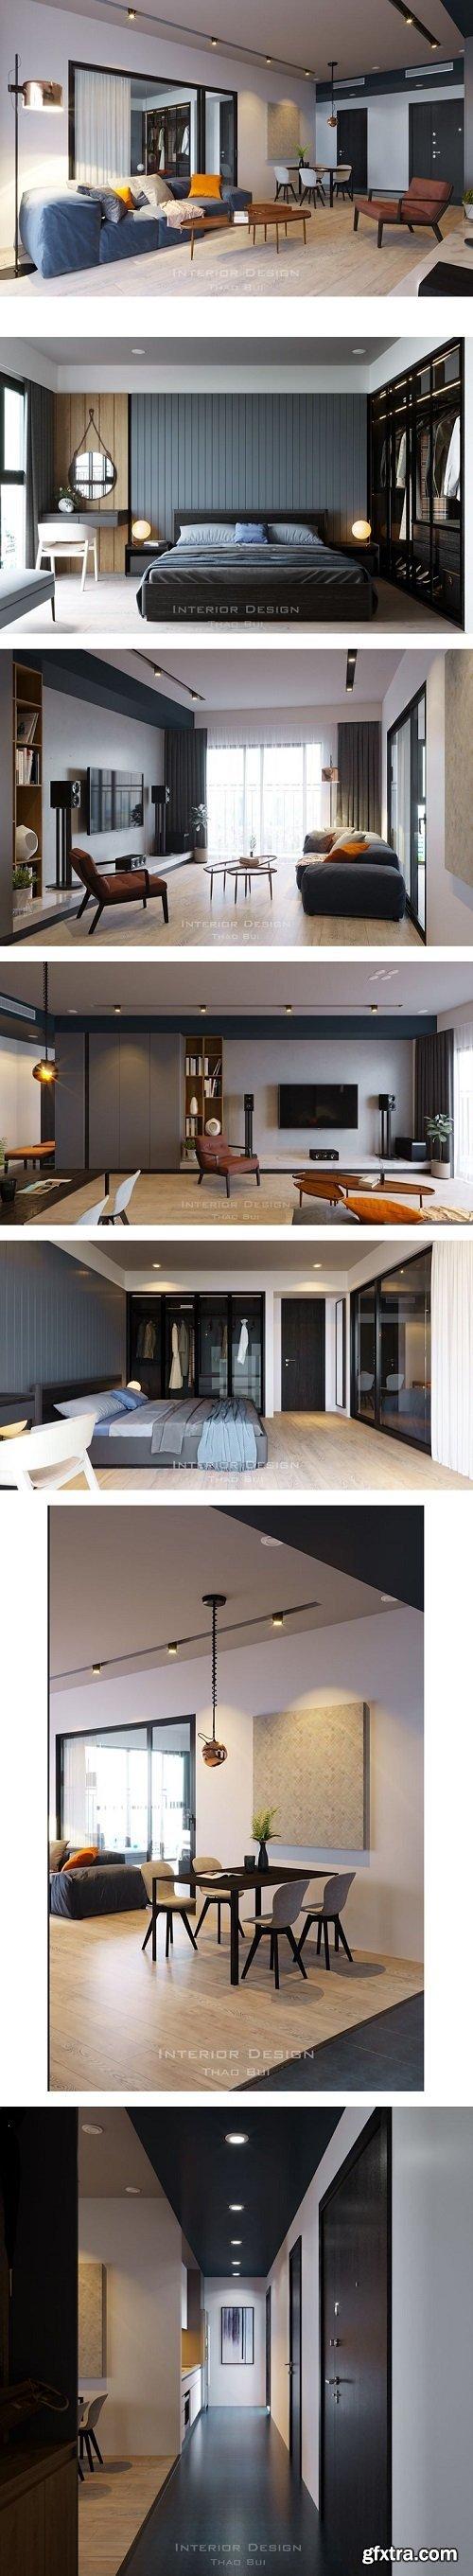 Interior Apartment Scene By ThaoBui